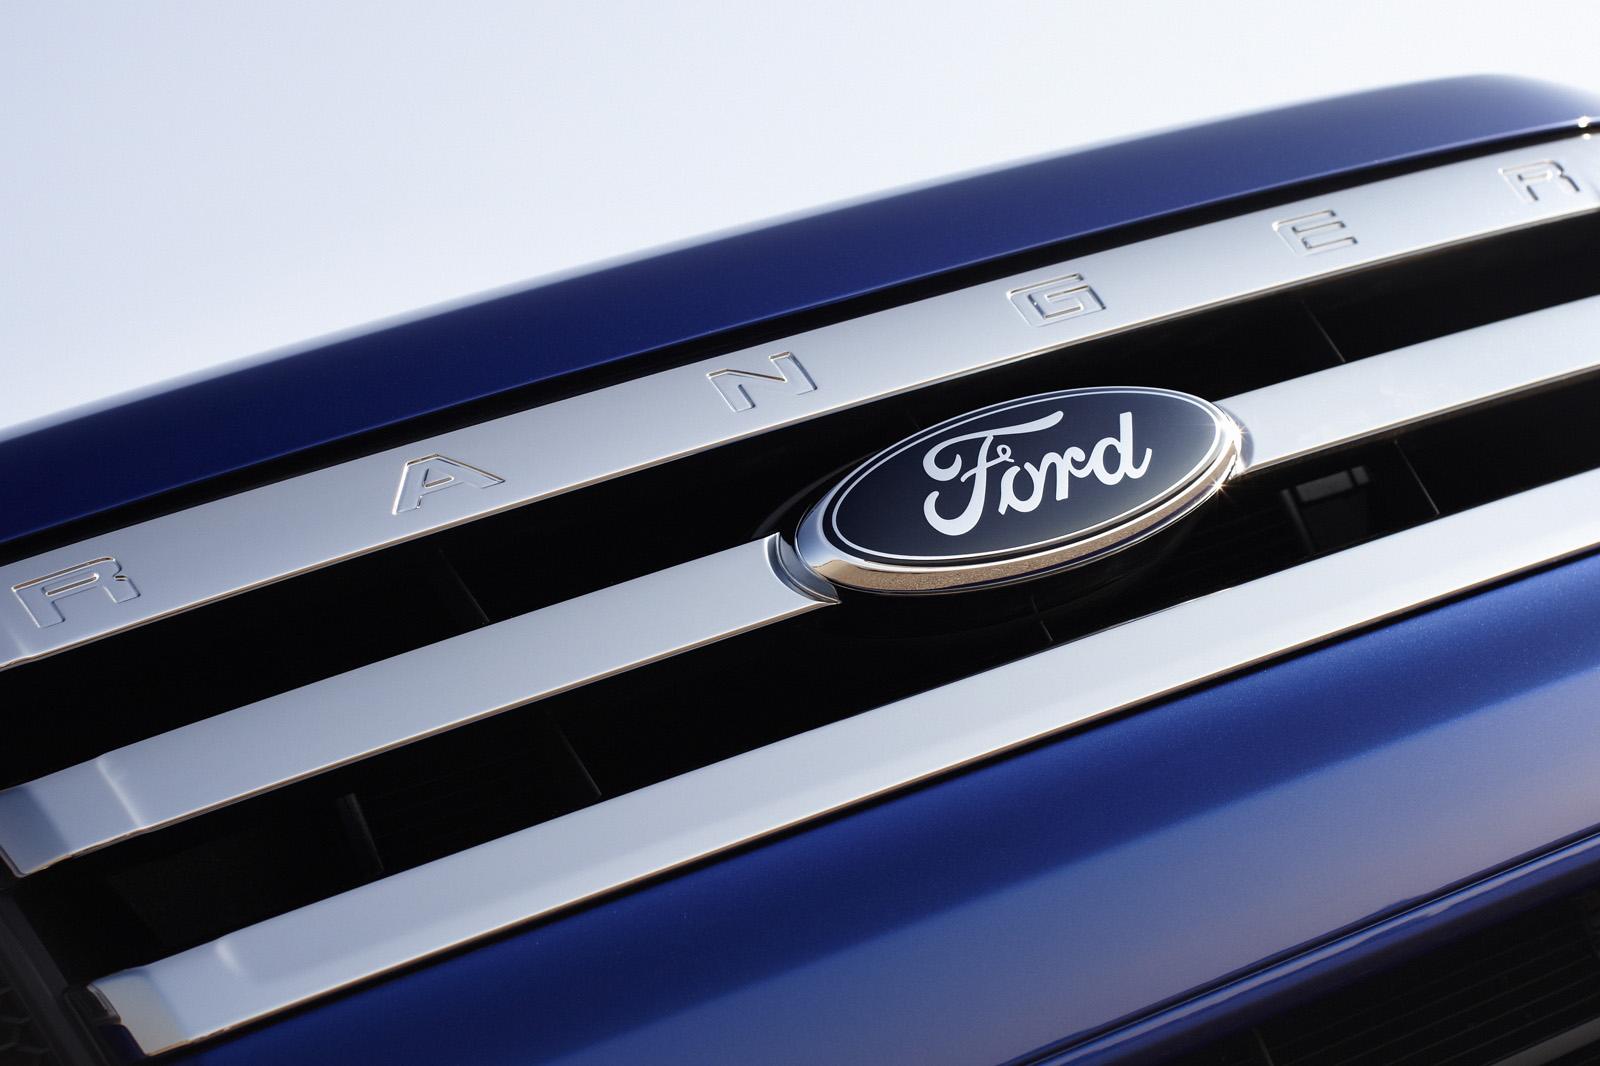 http://4.bp.blogspot.com/_J3_liDBfbvs/TLsGwwLb0PI/AAAAAAAAzCU/yvCx0j58R7w/s1600/2011+Ford+Ranger+T6+Badge.jpg